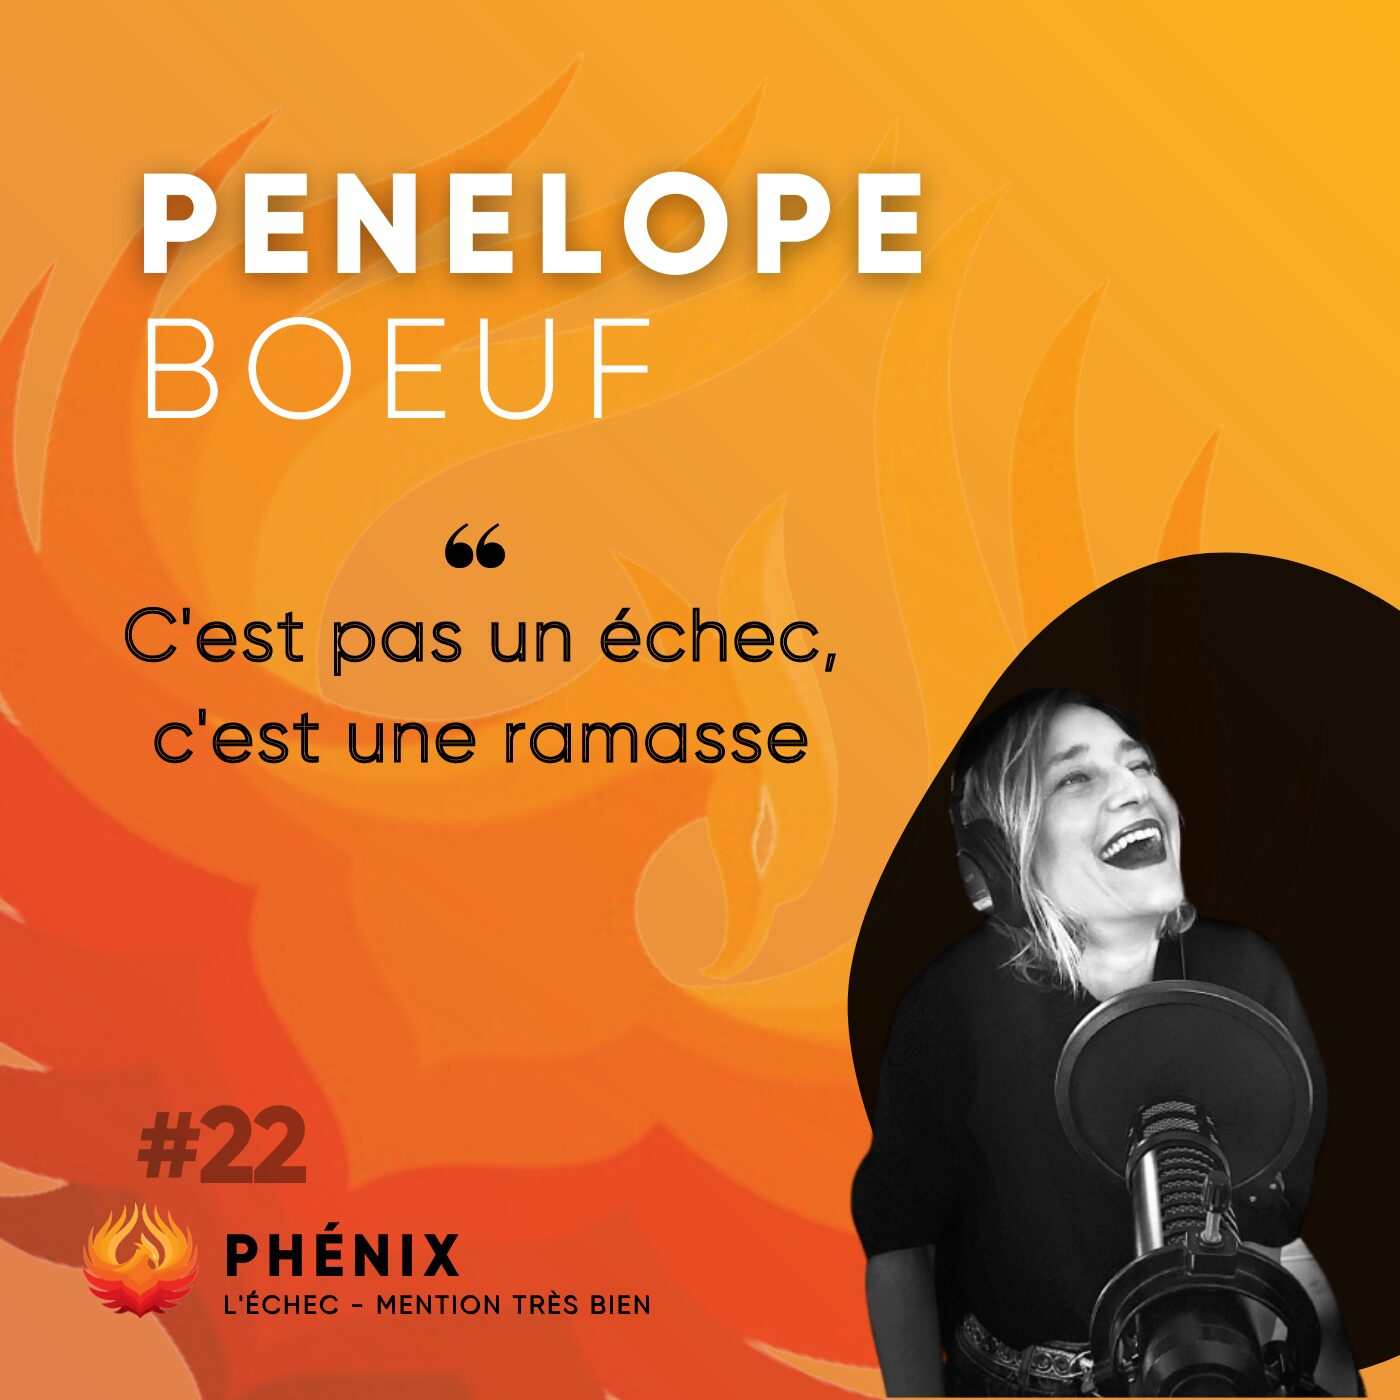 #22🎙 - Pénélope Boeuf : C'est pas un échec, c'est une ramasse